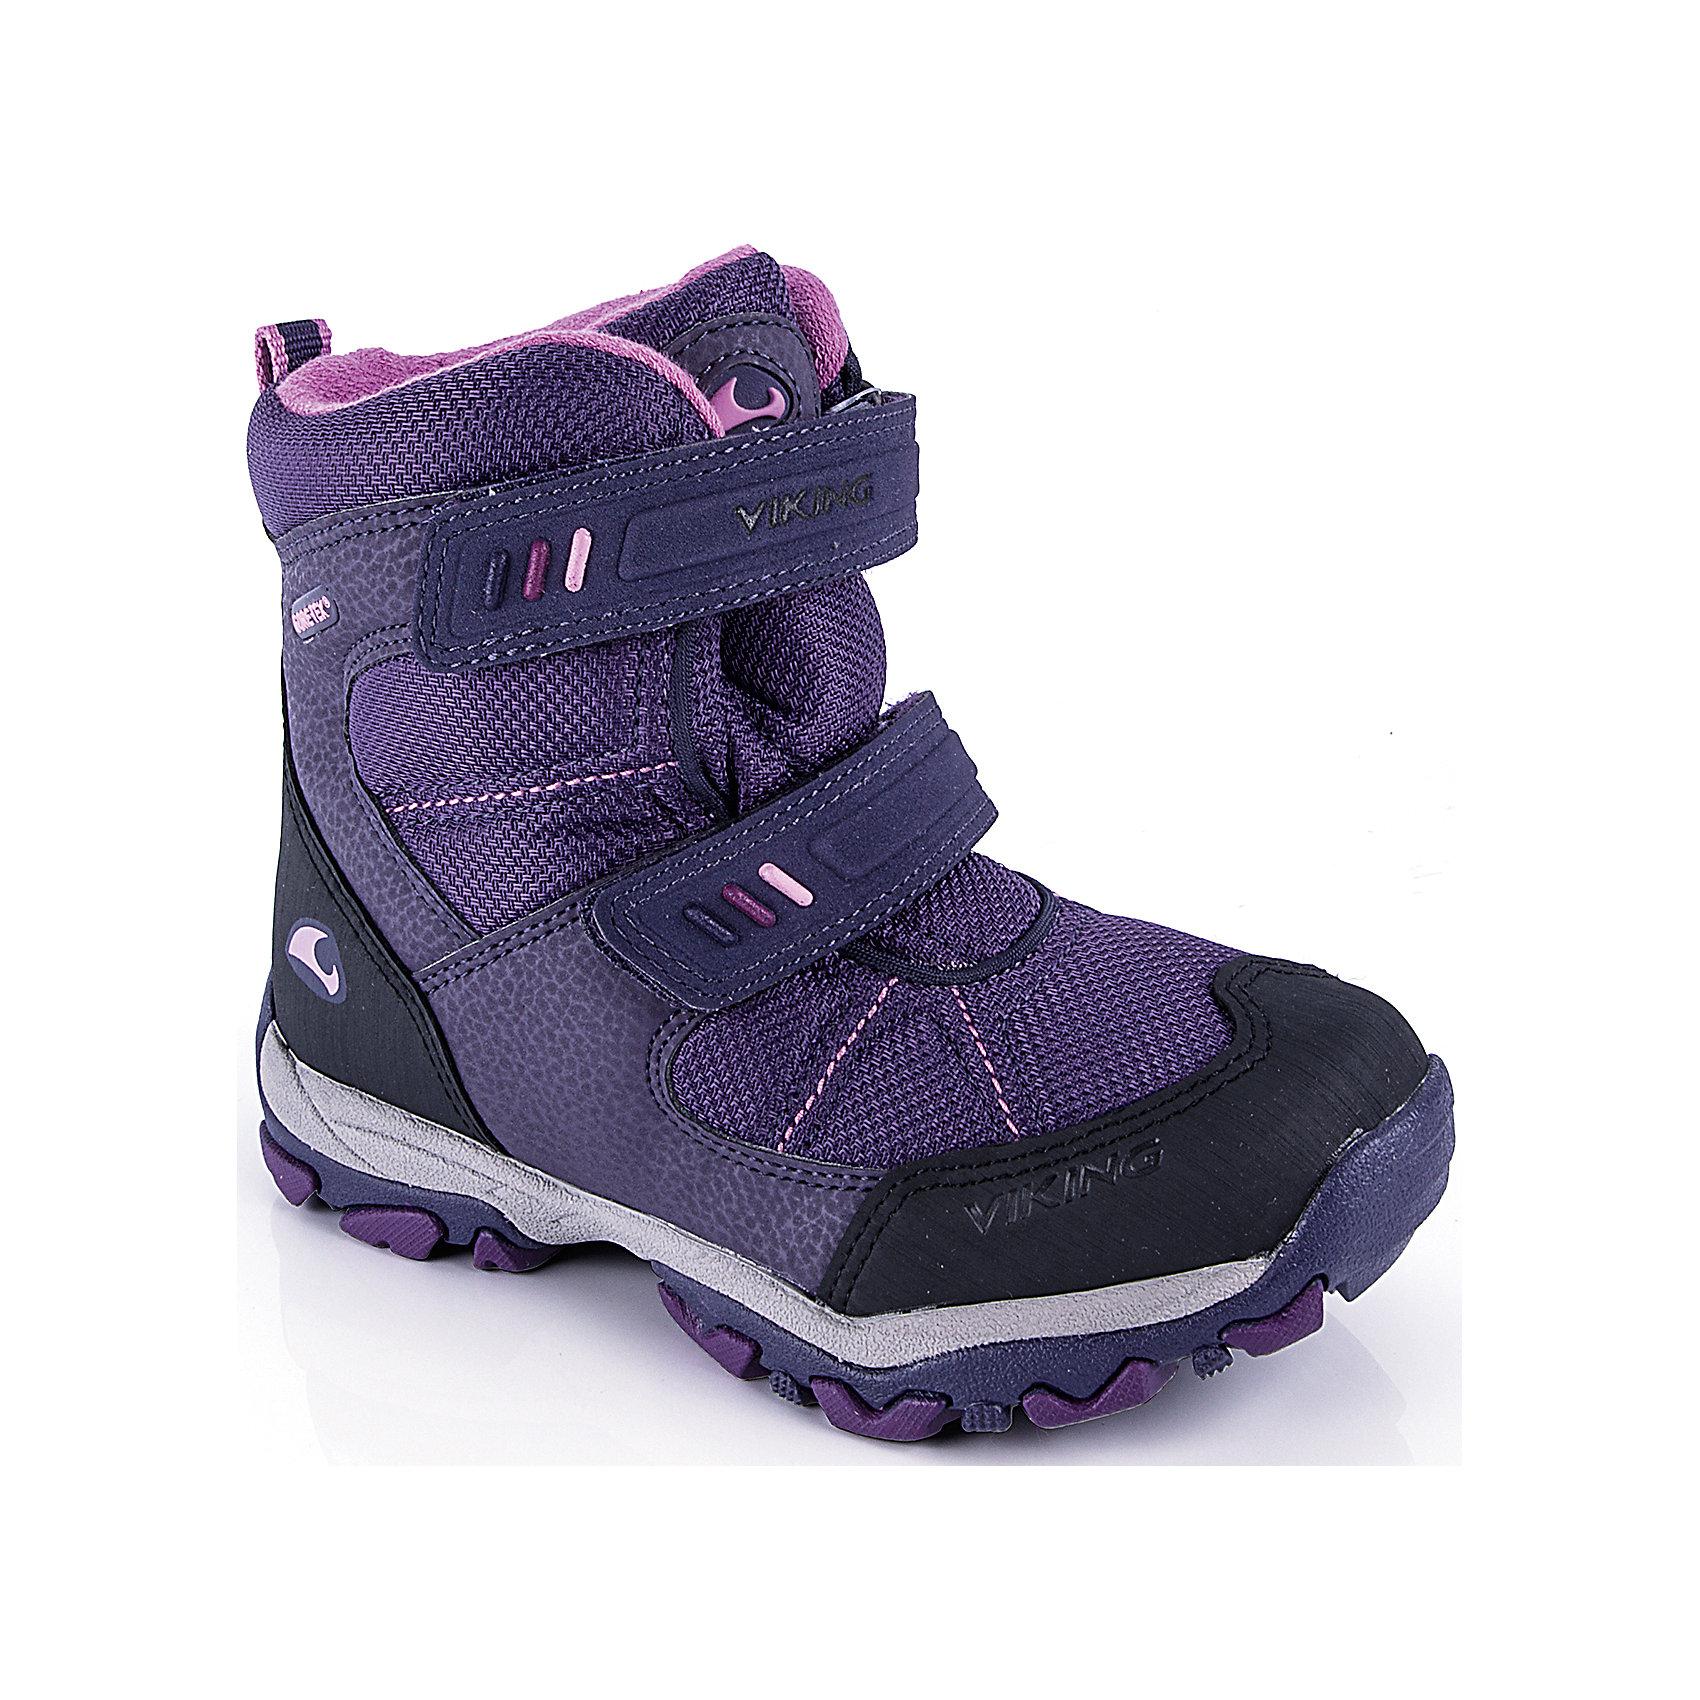 Ботинки для девочки VIKINGОчень лёгкие ботинки для очень холодного времени года. Мембрана GORE-TEX® с шерстяной вставкой отлично сохраняет тепло, не пропуская влагу. Благодаря удобной системе липучек обувь можно легко и быстро одеть в любых условиях. Незамерзающая резиновая подошва обеспечит удобство движения при любой температуре и отличное сцепление с самой скользкой поверхностью. В этой обуви находиться на улице зимой - одно удовольствие!<br>Состав: Материал верха: 60% текстиль, 40% искусственная кожа<br>Материал подклада: мембранная подкладка GORE-TEX<br><br>Ширина мм: 262<br>Глубина мм: 176<br>Высота мм: 97<br>Вес г: 427<br>Цвет: фиолетовый<br>Возраст от месяцев: 132<br>Возраст до месяцев: 144<br>Пол: Женский<br>Возраст: Детский<br>Размер: 35,31,28,30,34,29,32,33<br>SKU: 4279137